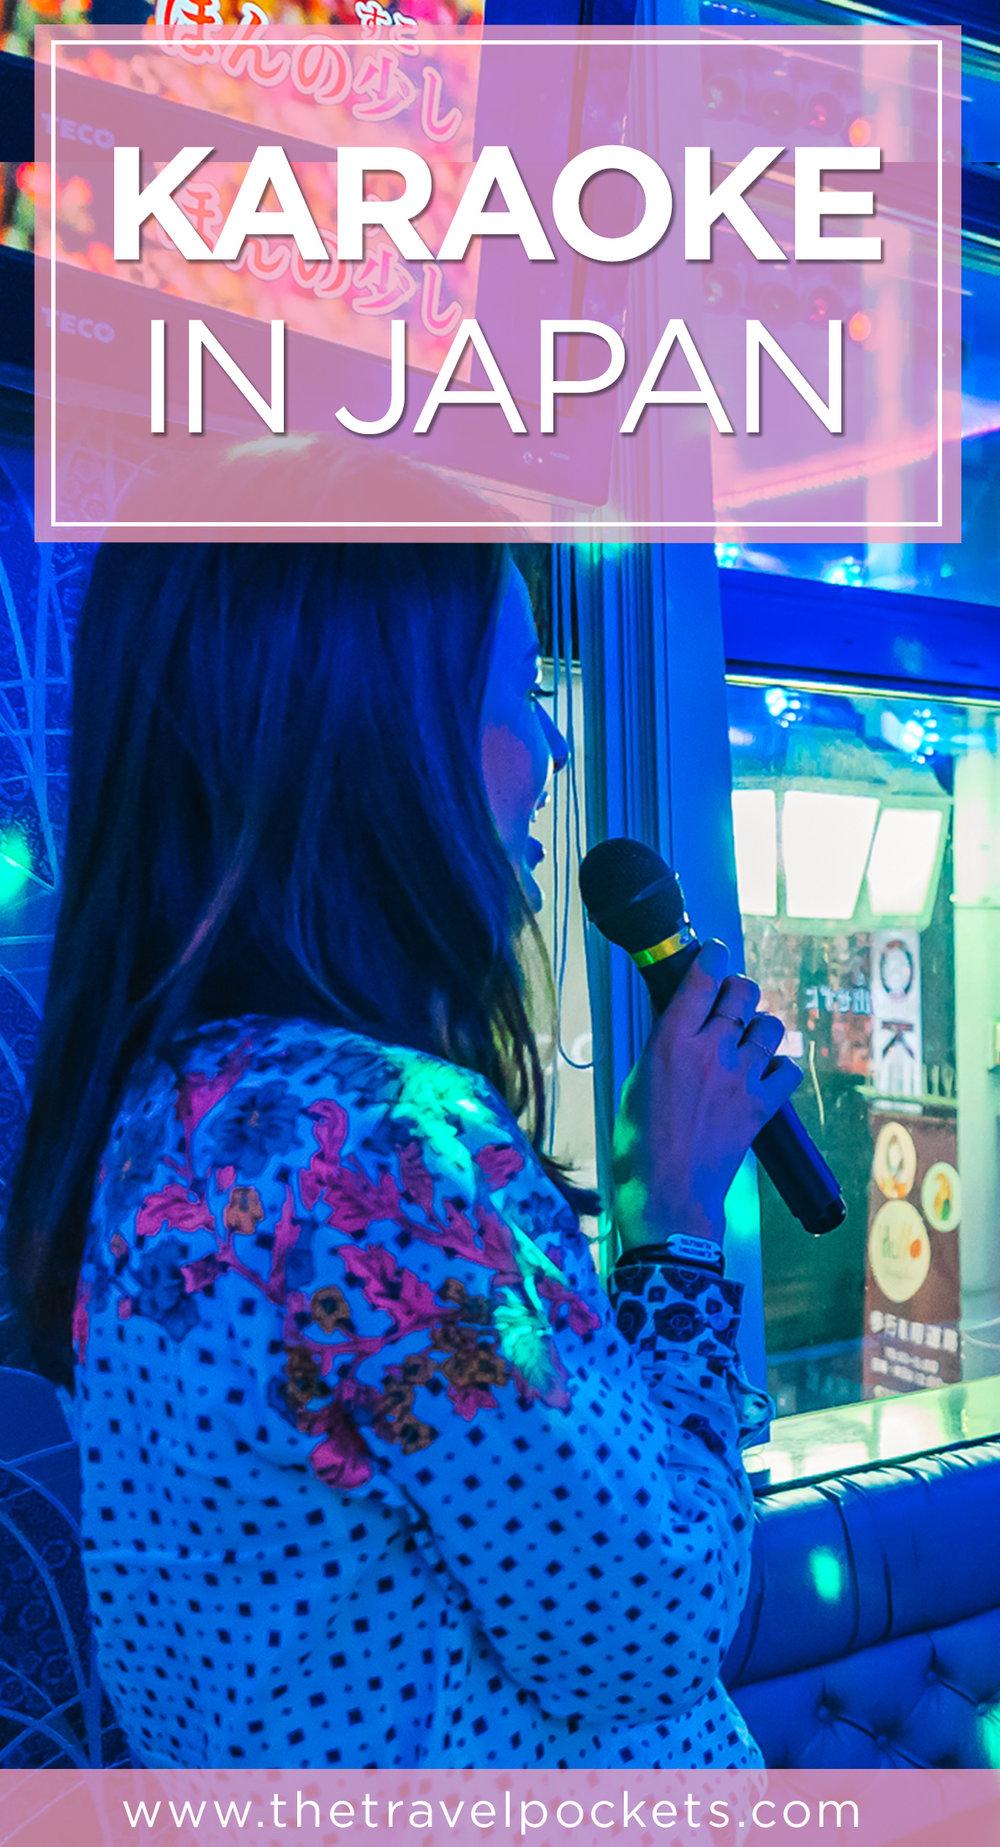 PINTEREST KARAOKE + www.thetravelpockets.com